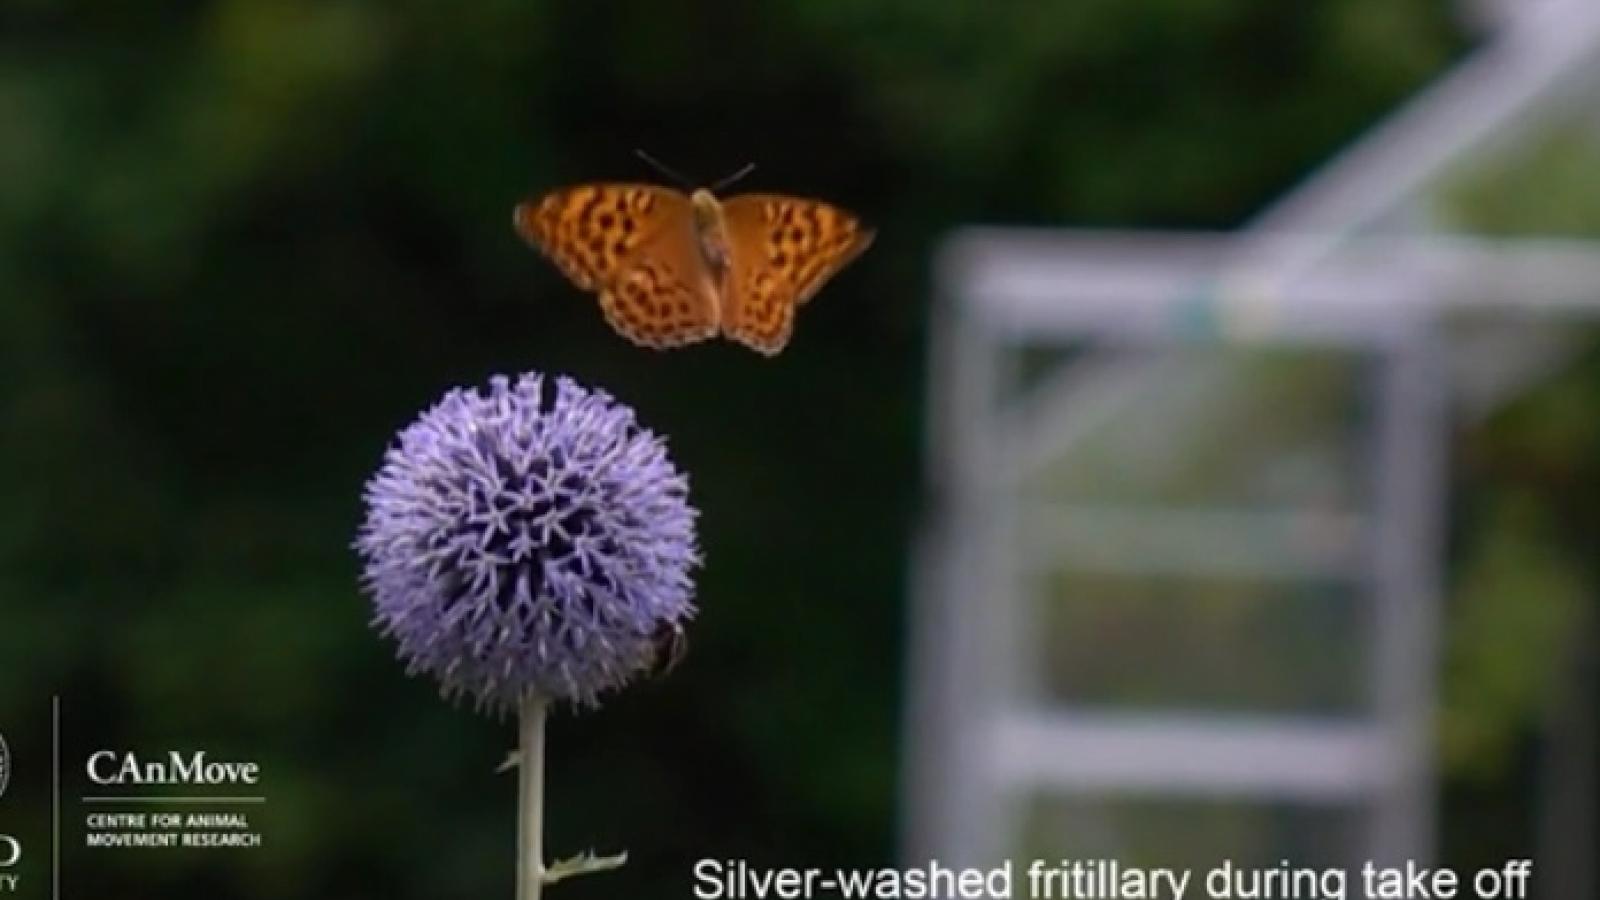 Khoảnh khắc bướm vỗ cánh, tạo túi khí để tăng thêm lực đẩy cất cánh bay lên